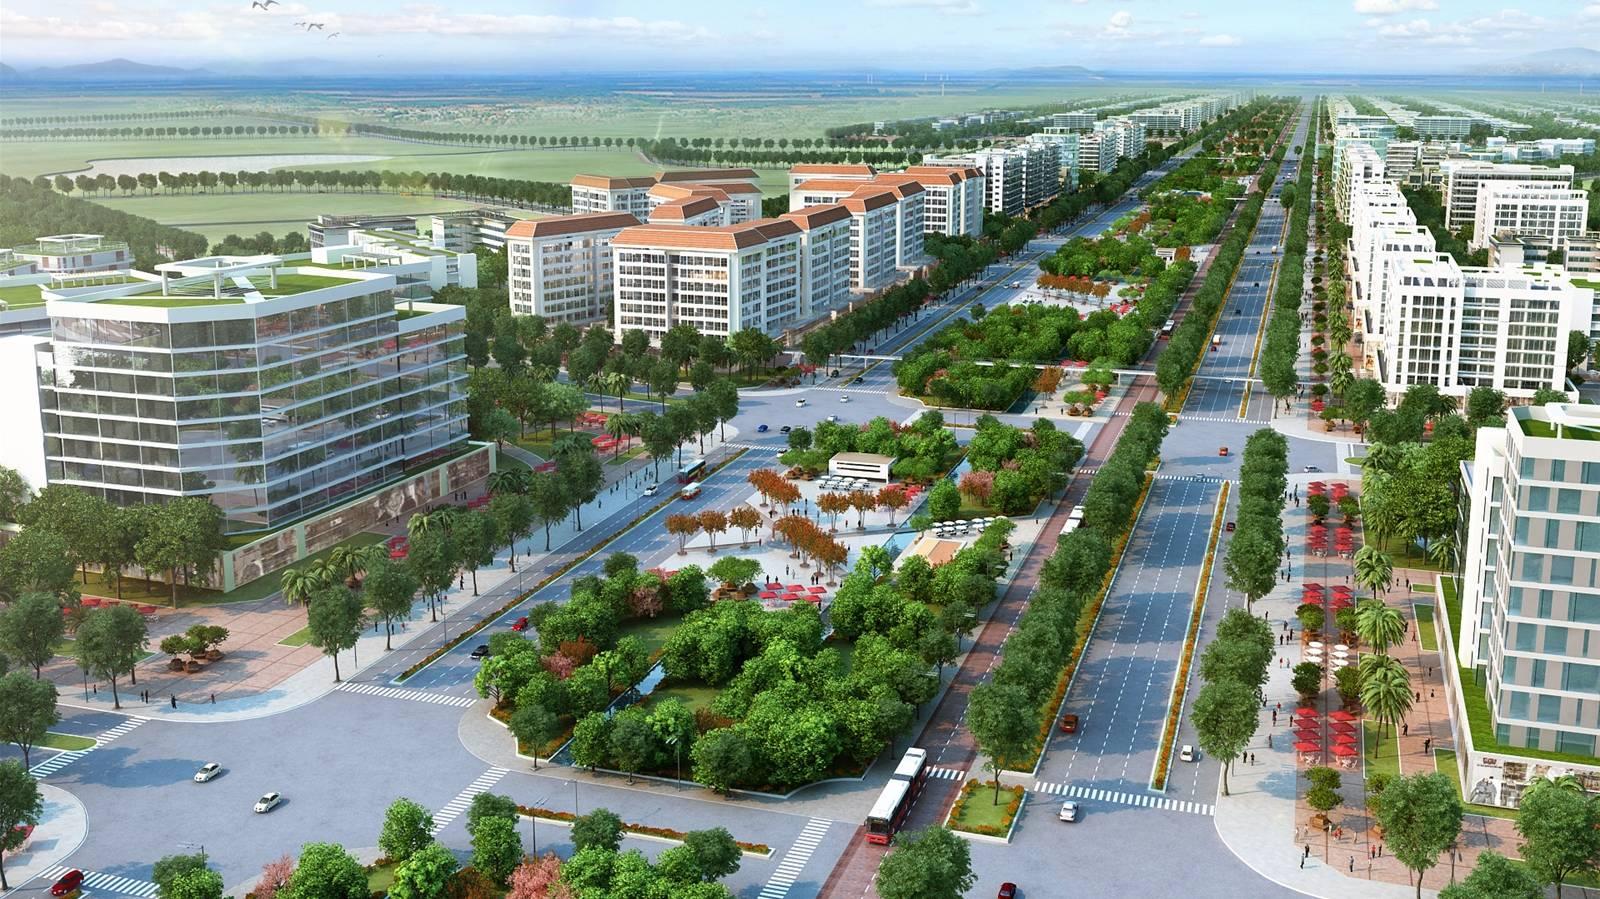 Quyết định cuat Thủ tướng Chính phủ về mở rộng không gian Thành phố Vinh bao gồm Cửa Lò và một phần của Nghi Lộc